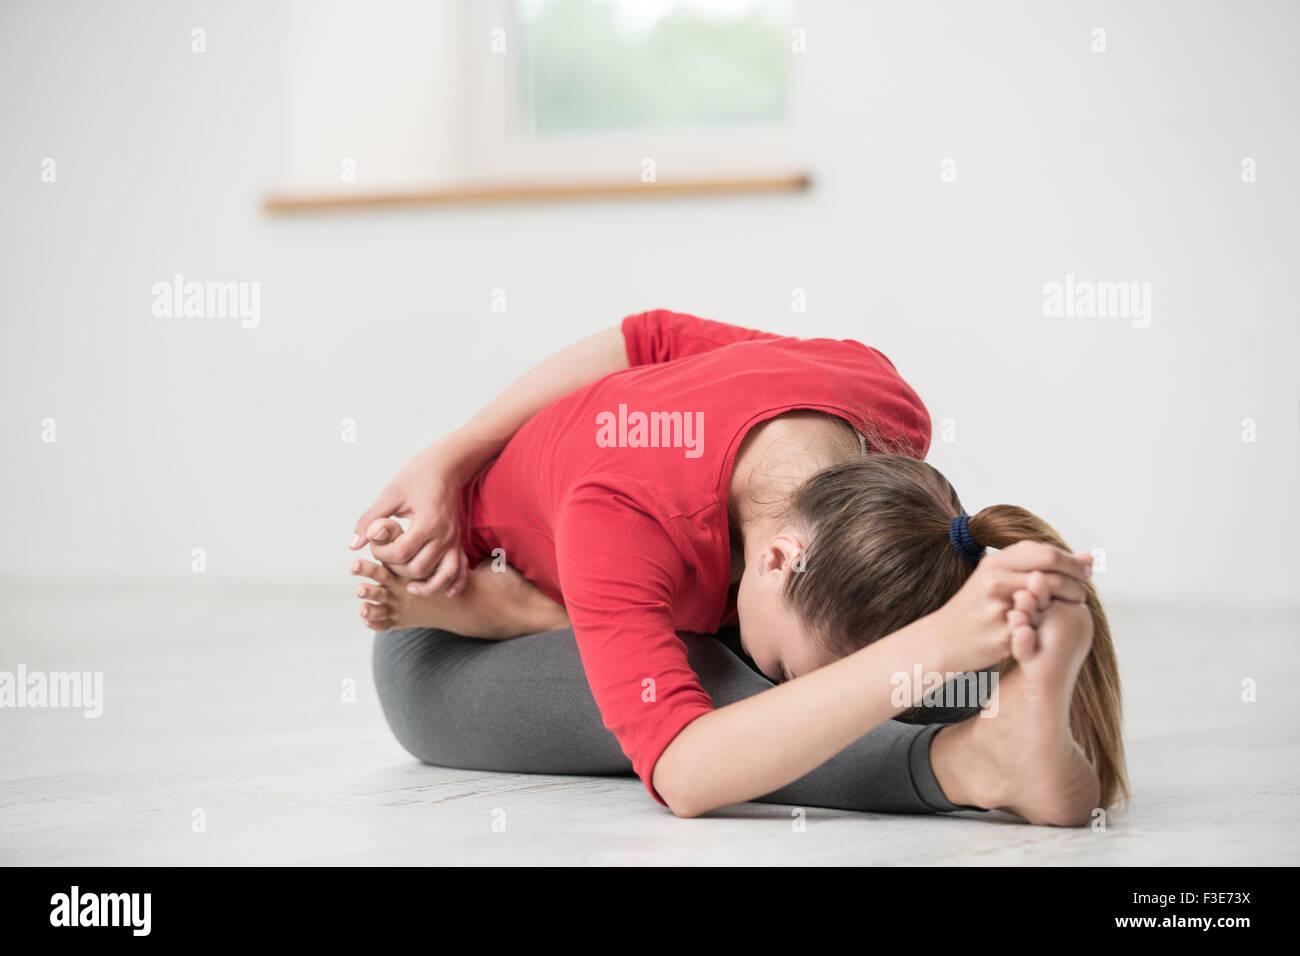 Retrato de una joven mujer haciendo ejercicios de estiramiento en el gimnasio Imagen De Stock